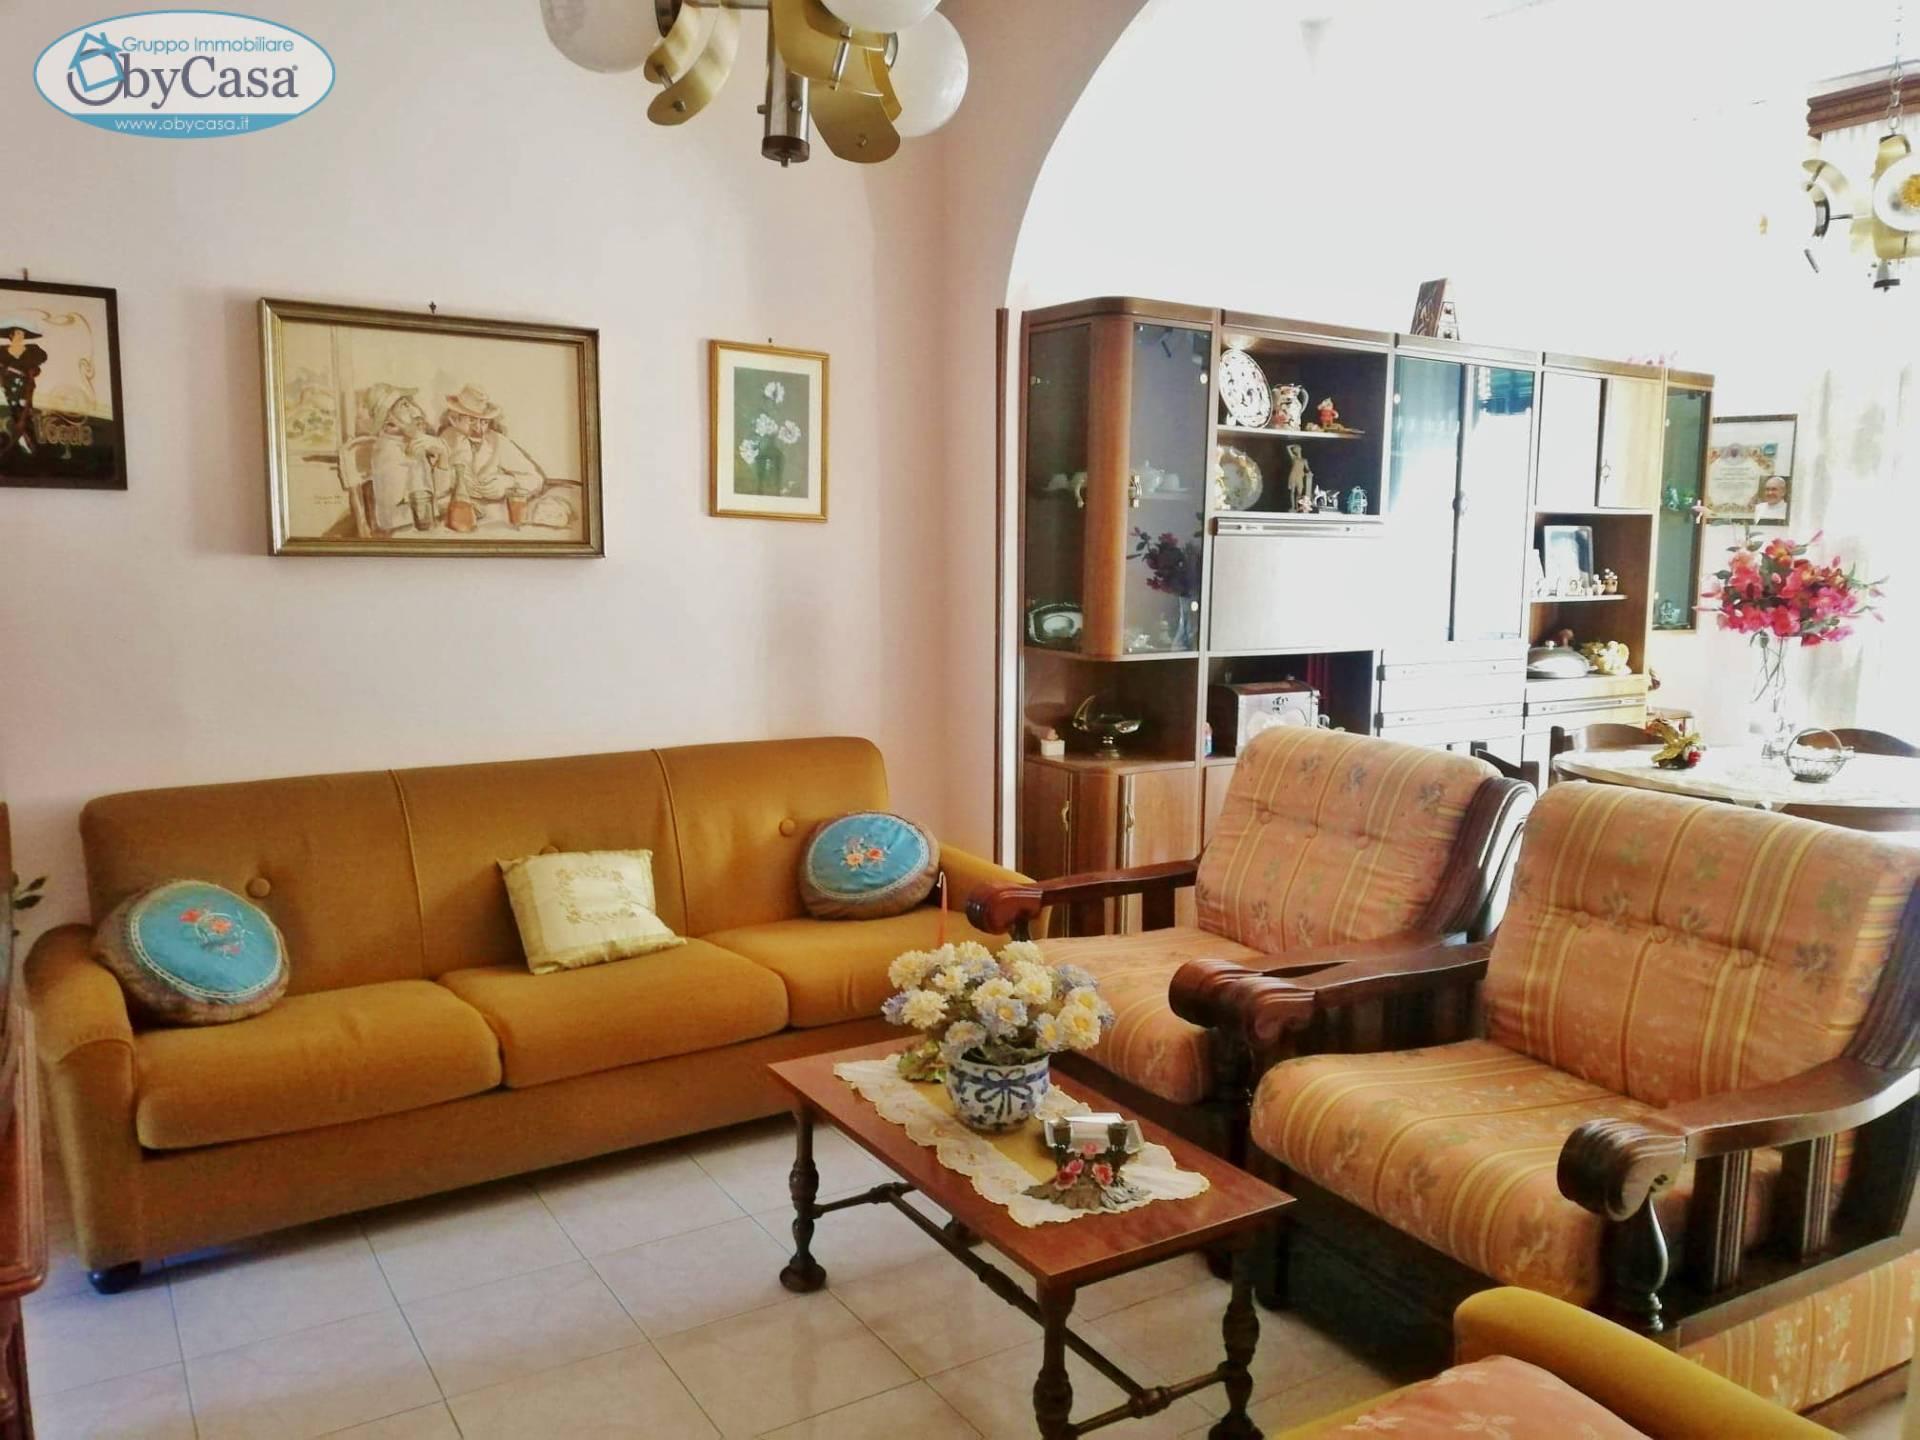 Soluzione Indipendente in vendita a Bassano Romano, 4 locali, zona Località: bassanoromano, prezzo € 49.000   CambioCasa.it